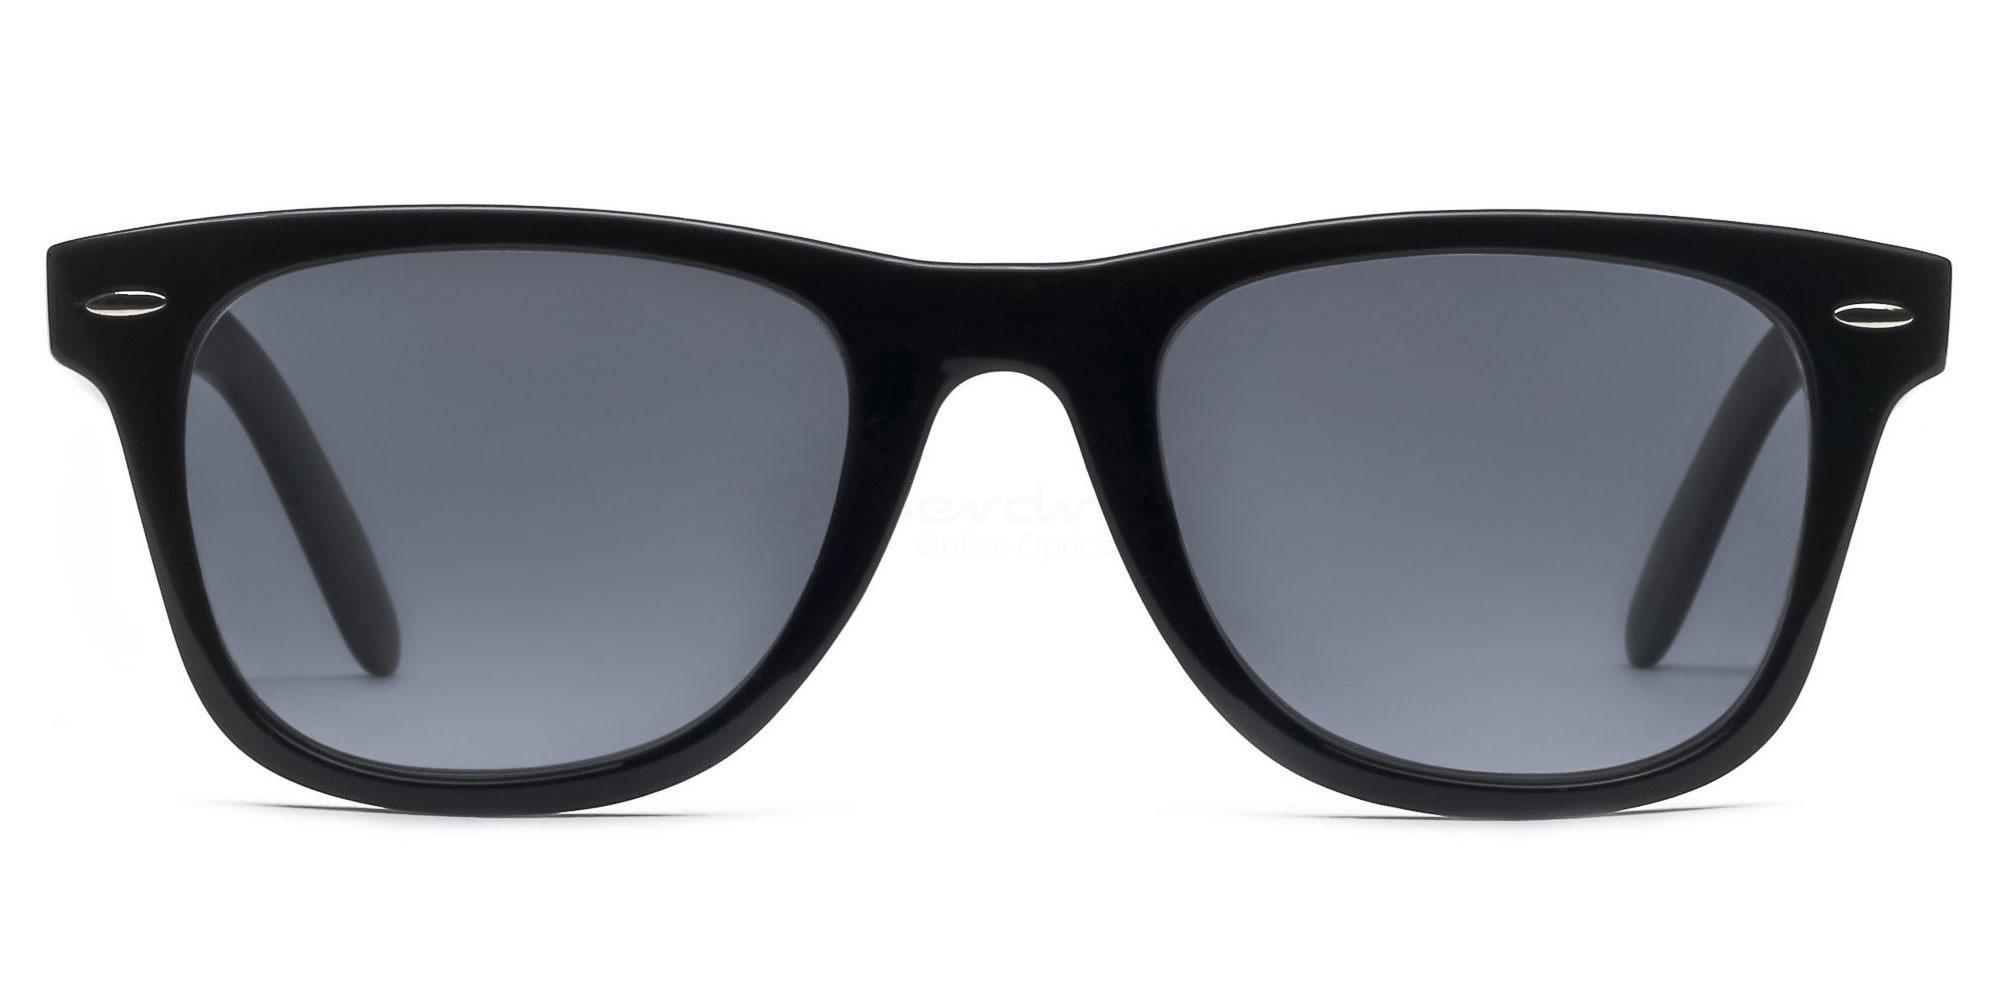 C01 Dark Grey P2429 - Black (Sunglasses) Sunglasses, Indium